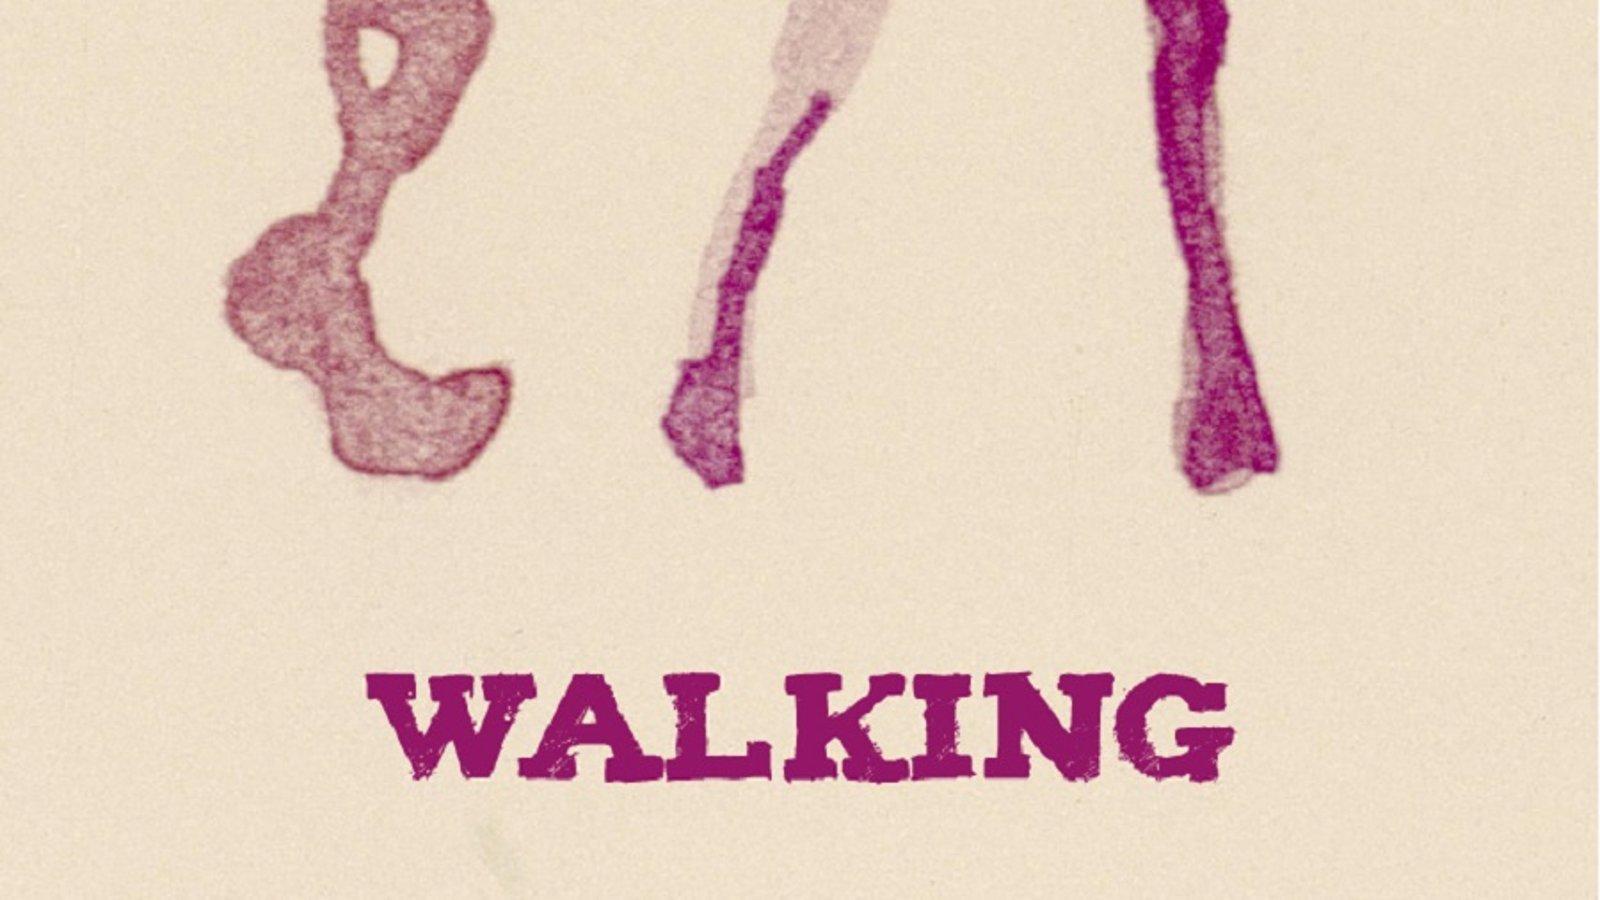 Walking - En marchant